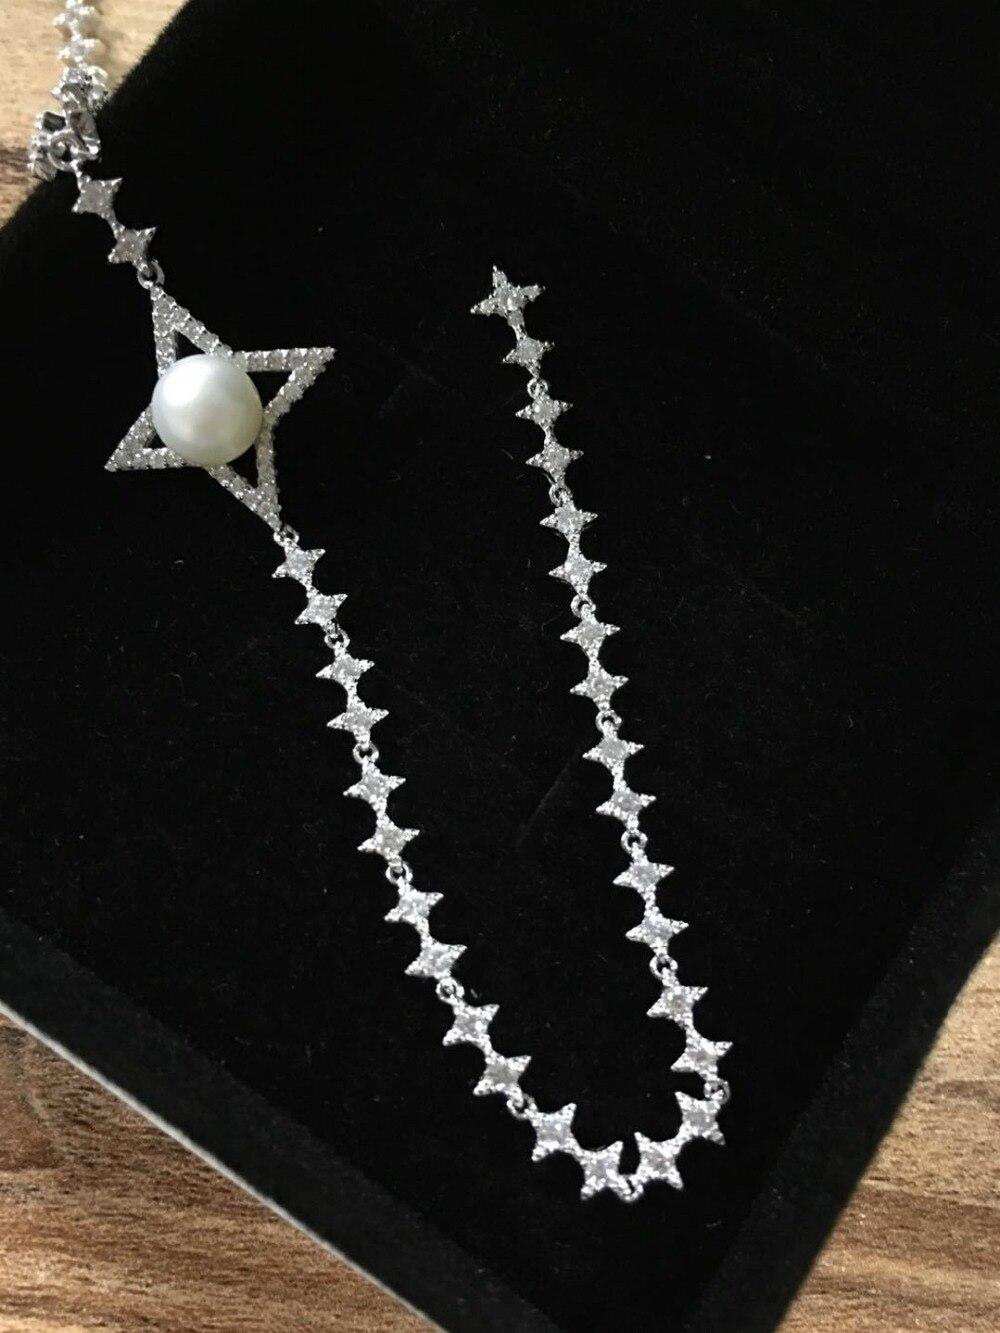 แบรนด์ที่มีชื่อเสียง bling เต็ม zircons starry ดาว cross star คริสตัลยาว tassels แท้ 925 เงินสร้อยคอไข่มุกผู้หญิง-ใน จี้ จาก อัญมณีและเครื่องประดับ บน   1